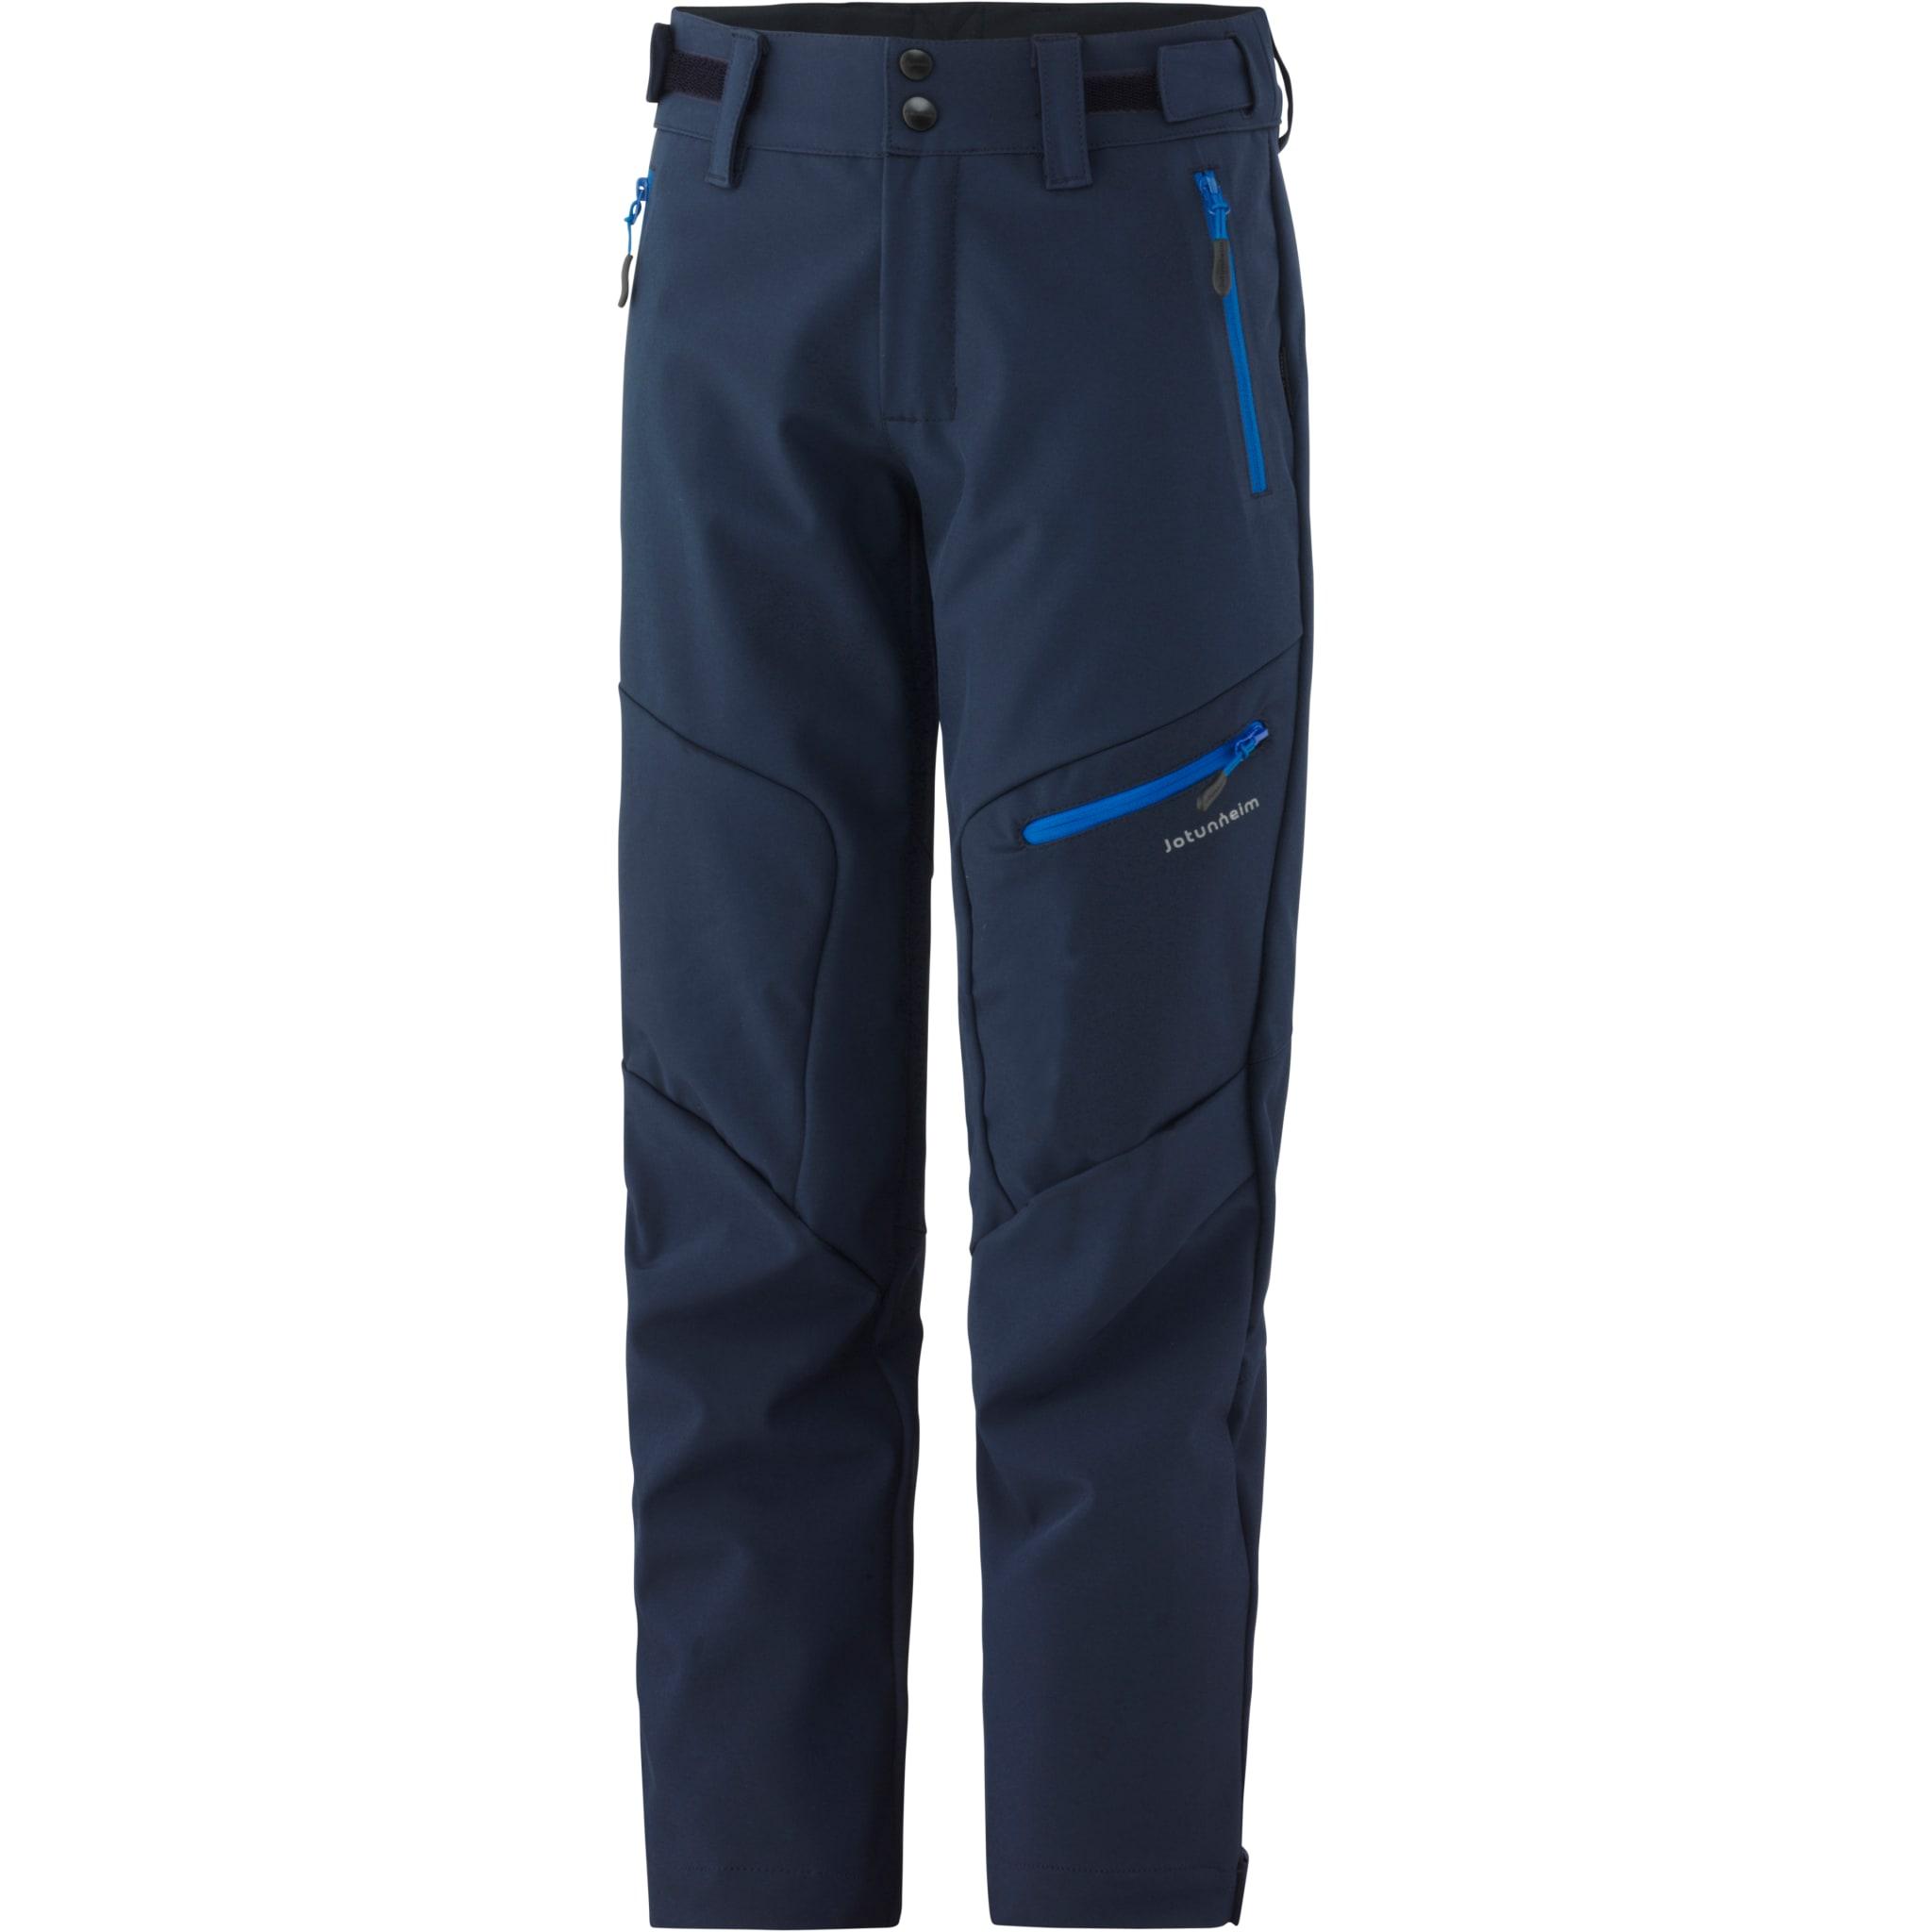 Lette, elastiske softshell-bukser til variert friluftsbruk.